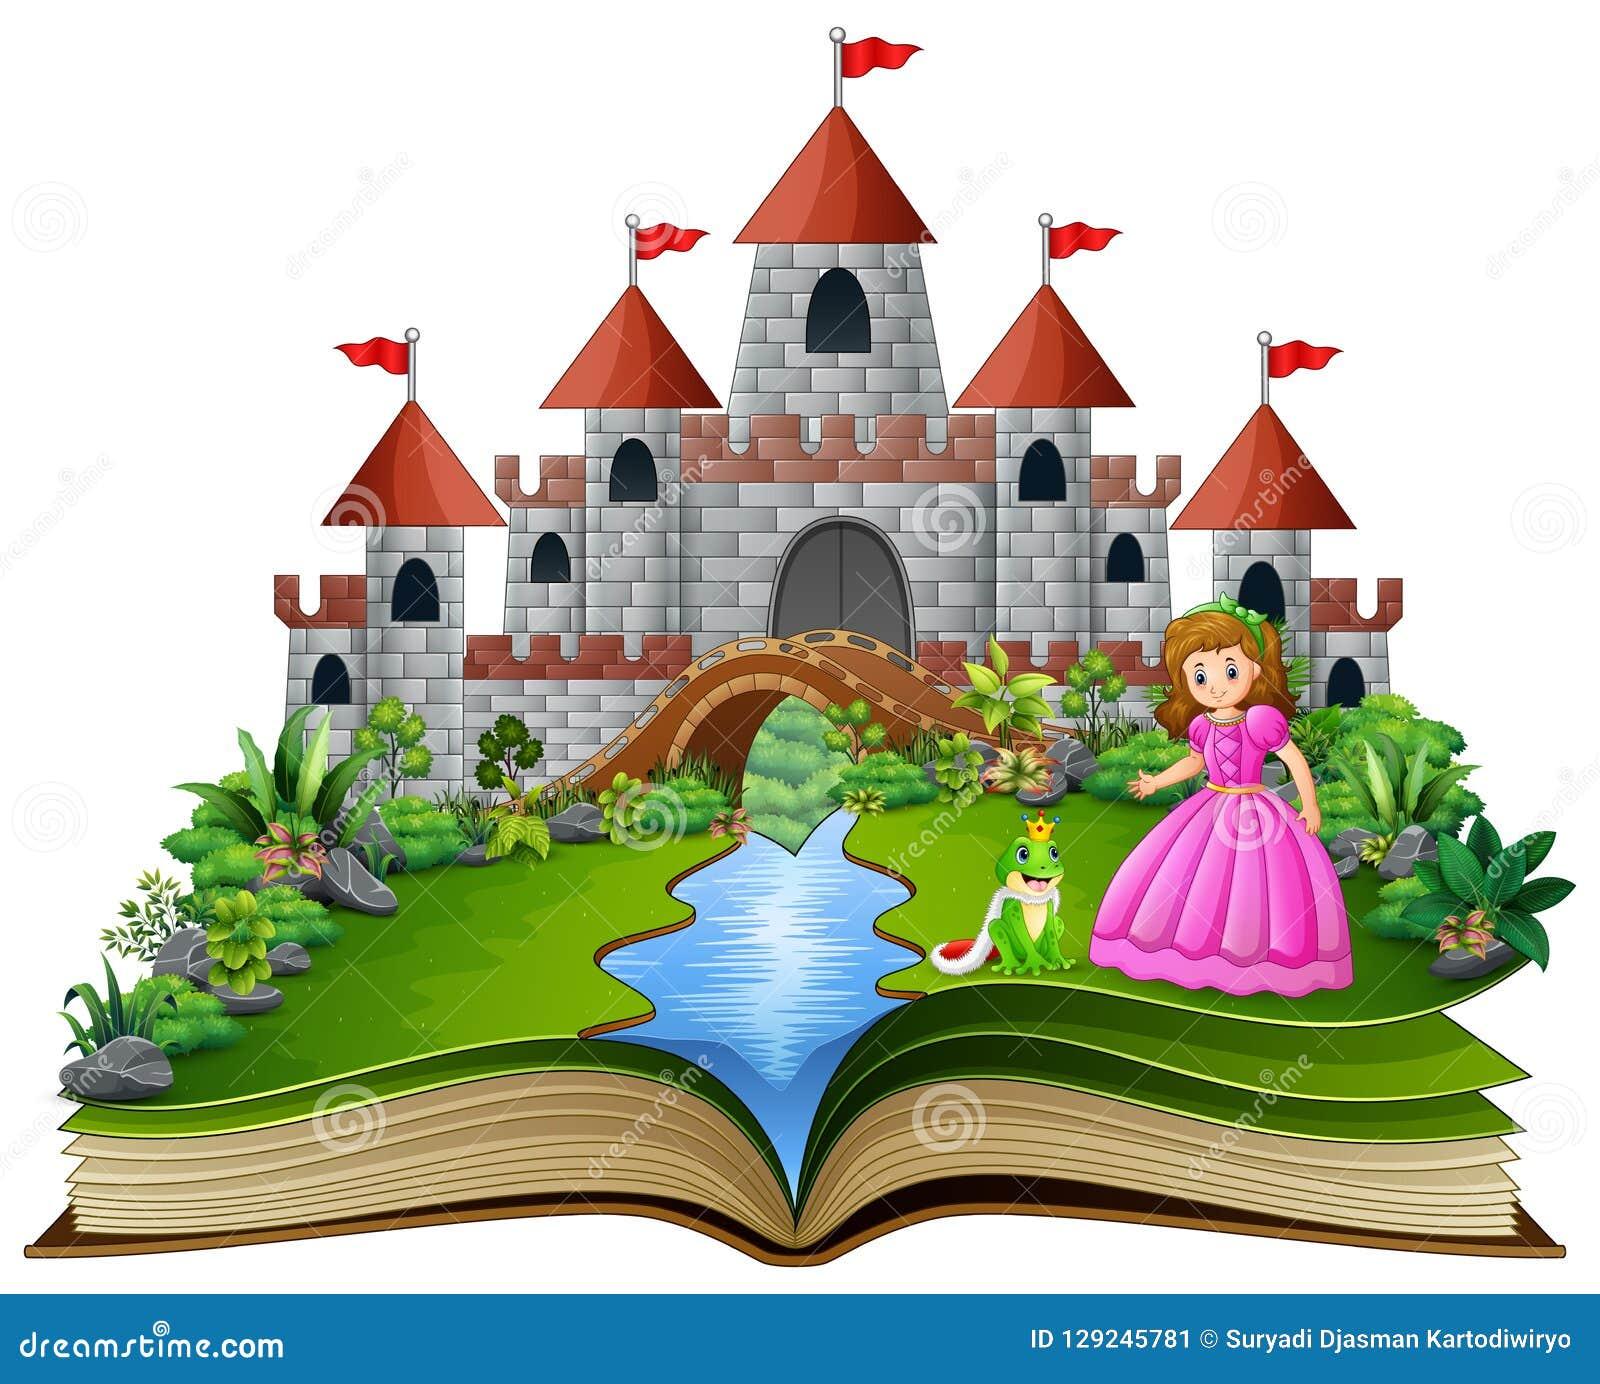 Livro Da Historia De Desenhos Animados Do Principe Da Princesa E